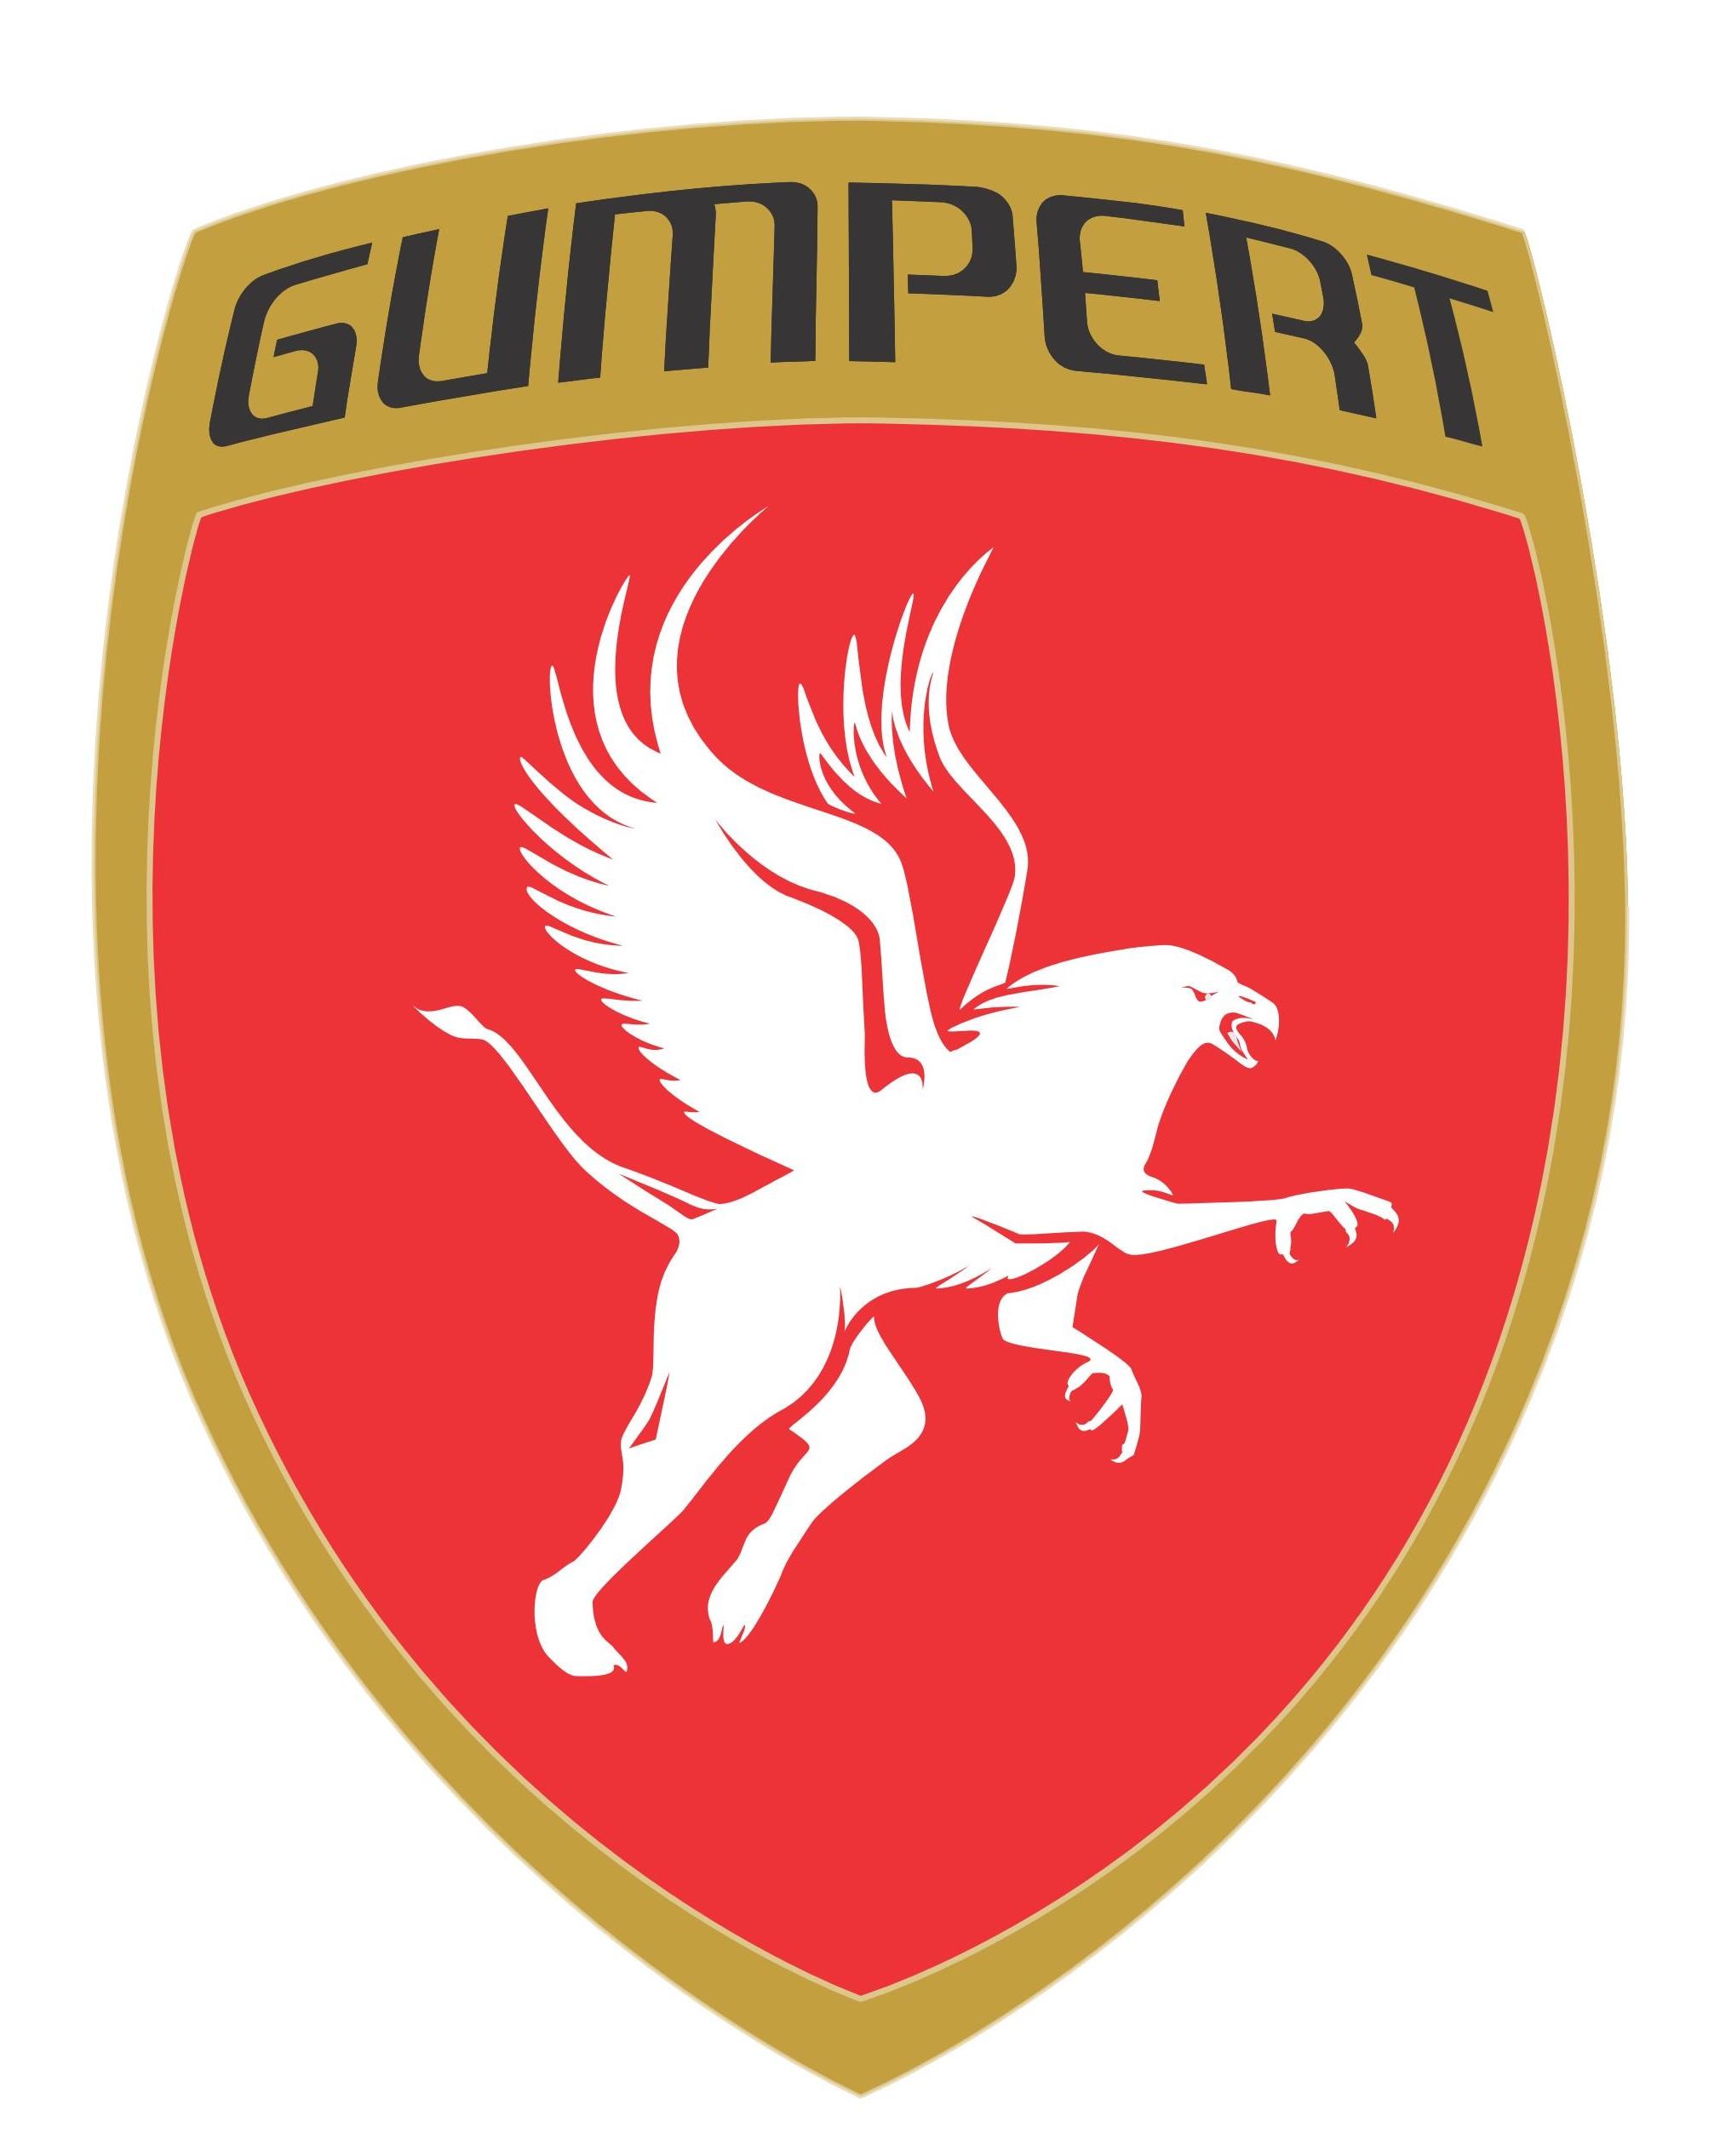 Gumpert Logo Wallpaper